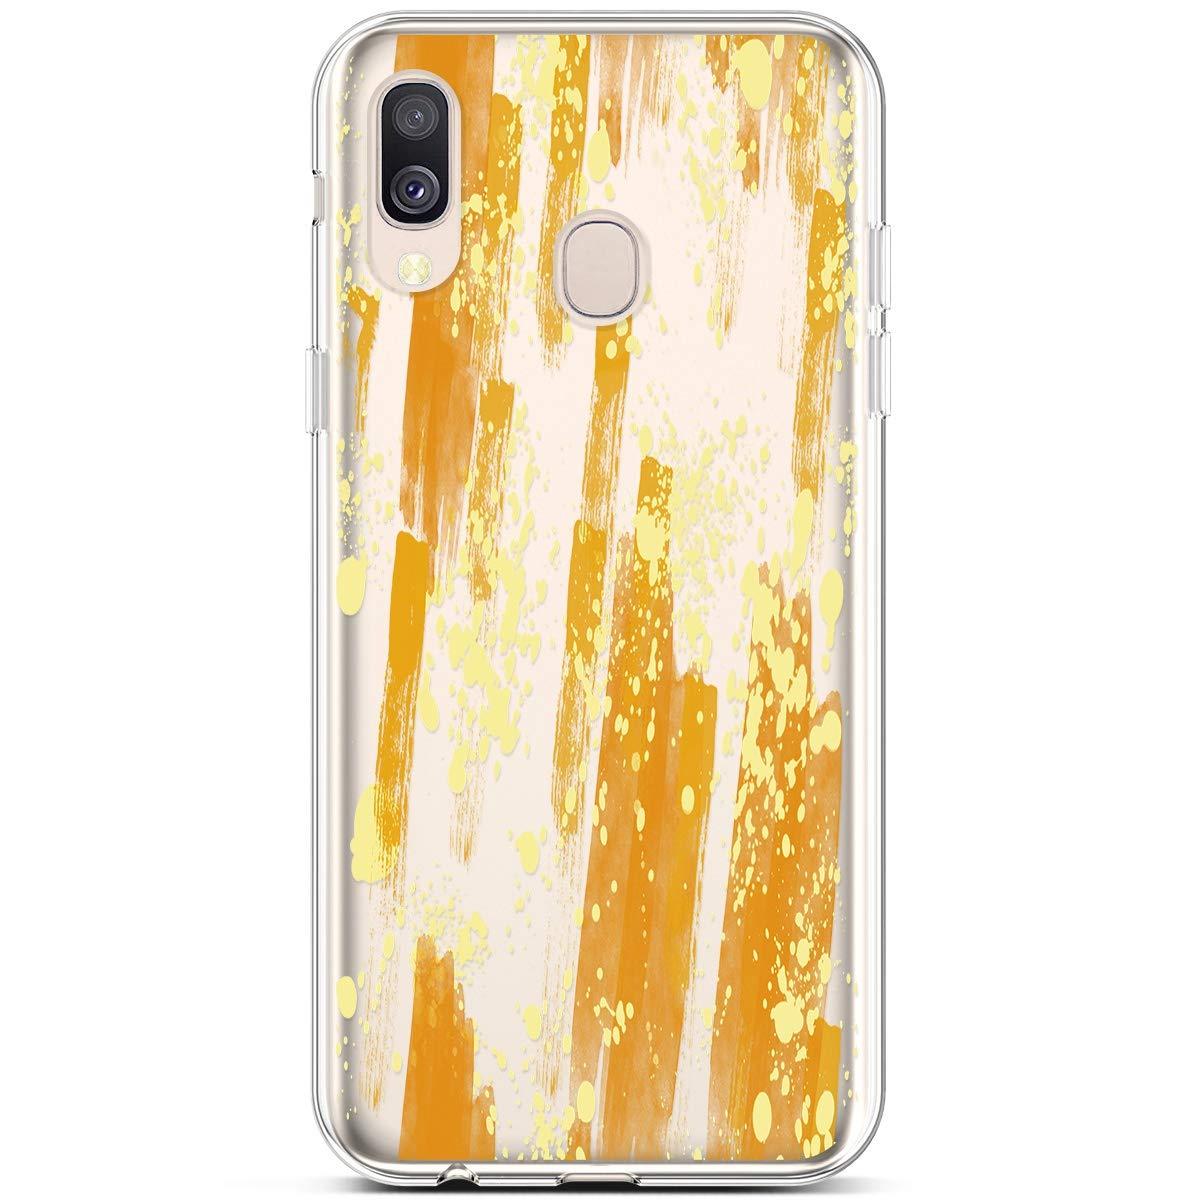 QPOLLY Compatible avec Coque Samsung Galaxy A40 Transparente Ultra Mince Silicone Housse Étui de Protection Clair Design avec Motif Imprimé [Exact Fit] Premium TPU Souple Case Anti-Choc Cover,Rose A